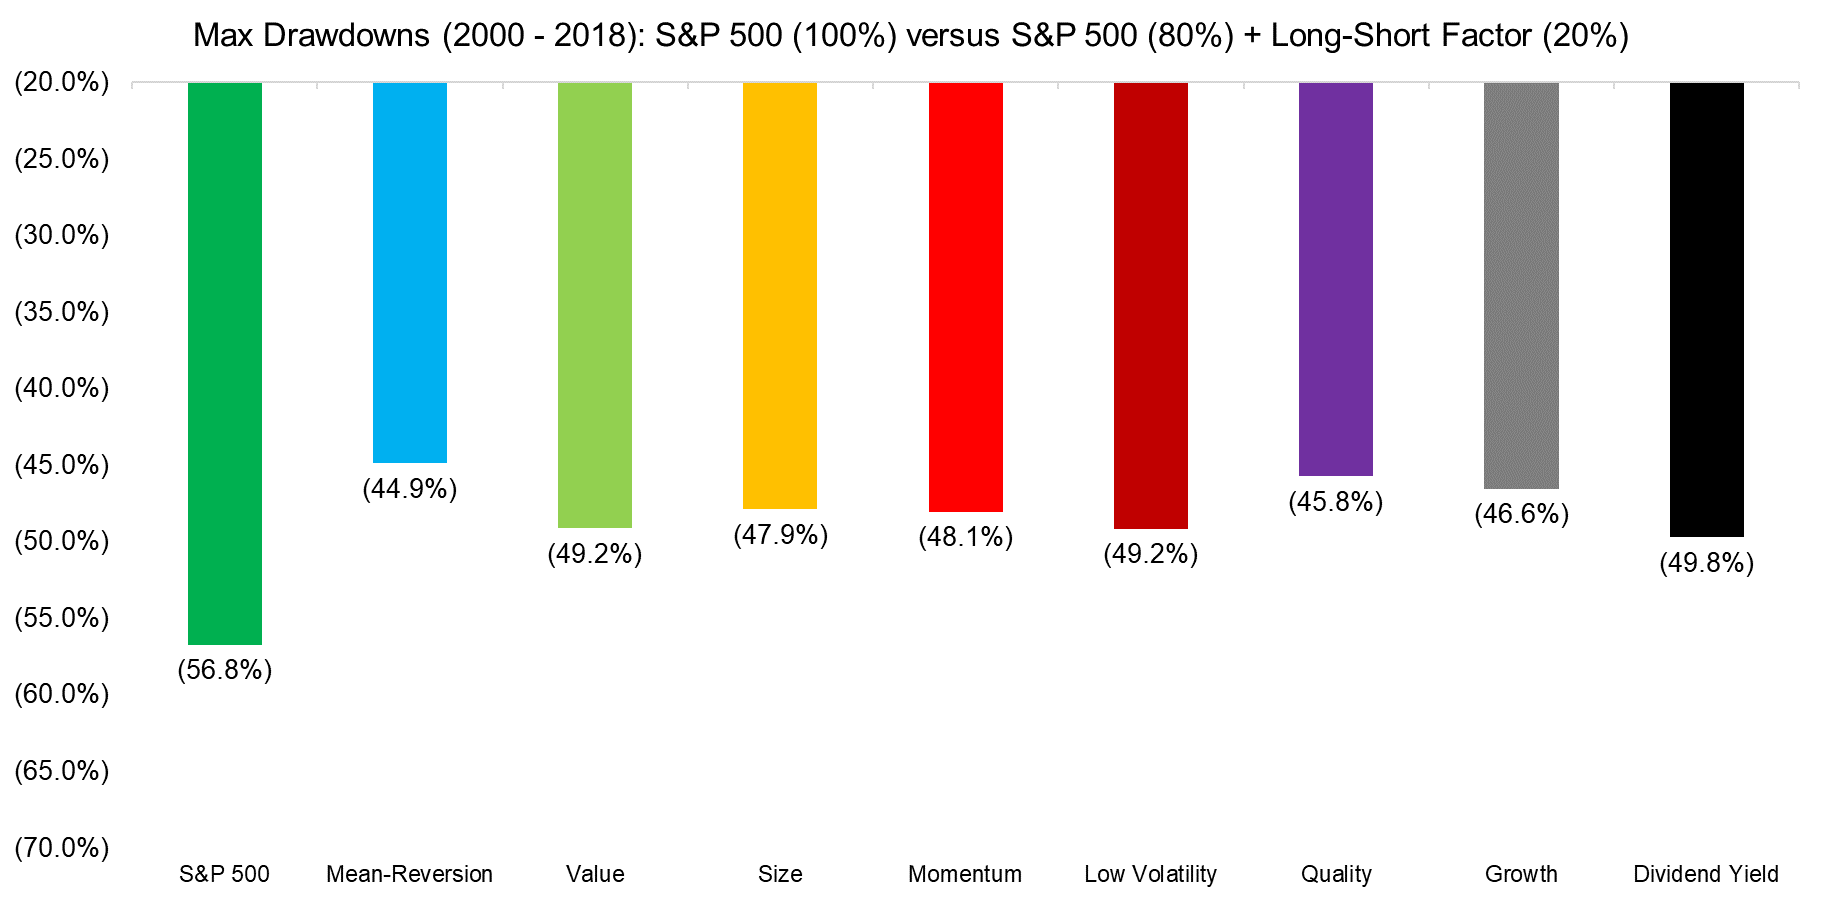 Mean-Reversion Across Markets